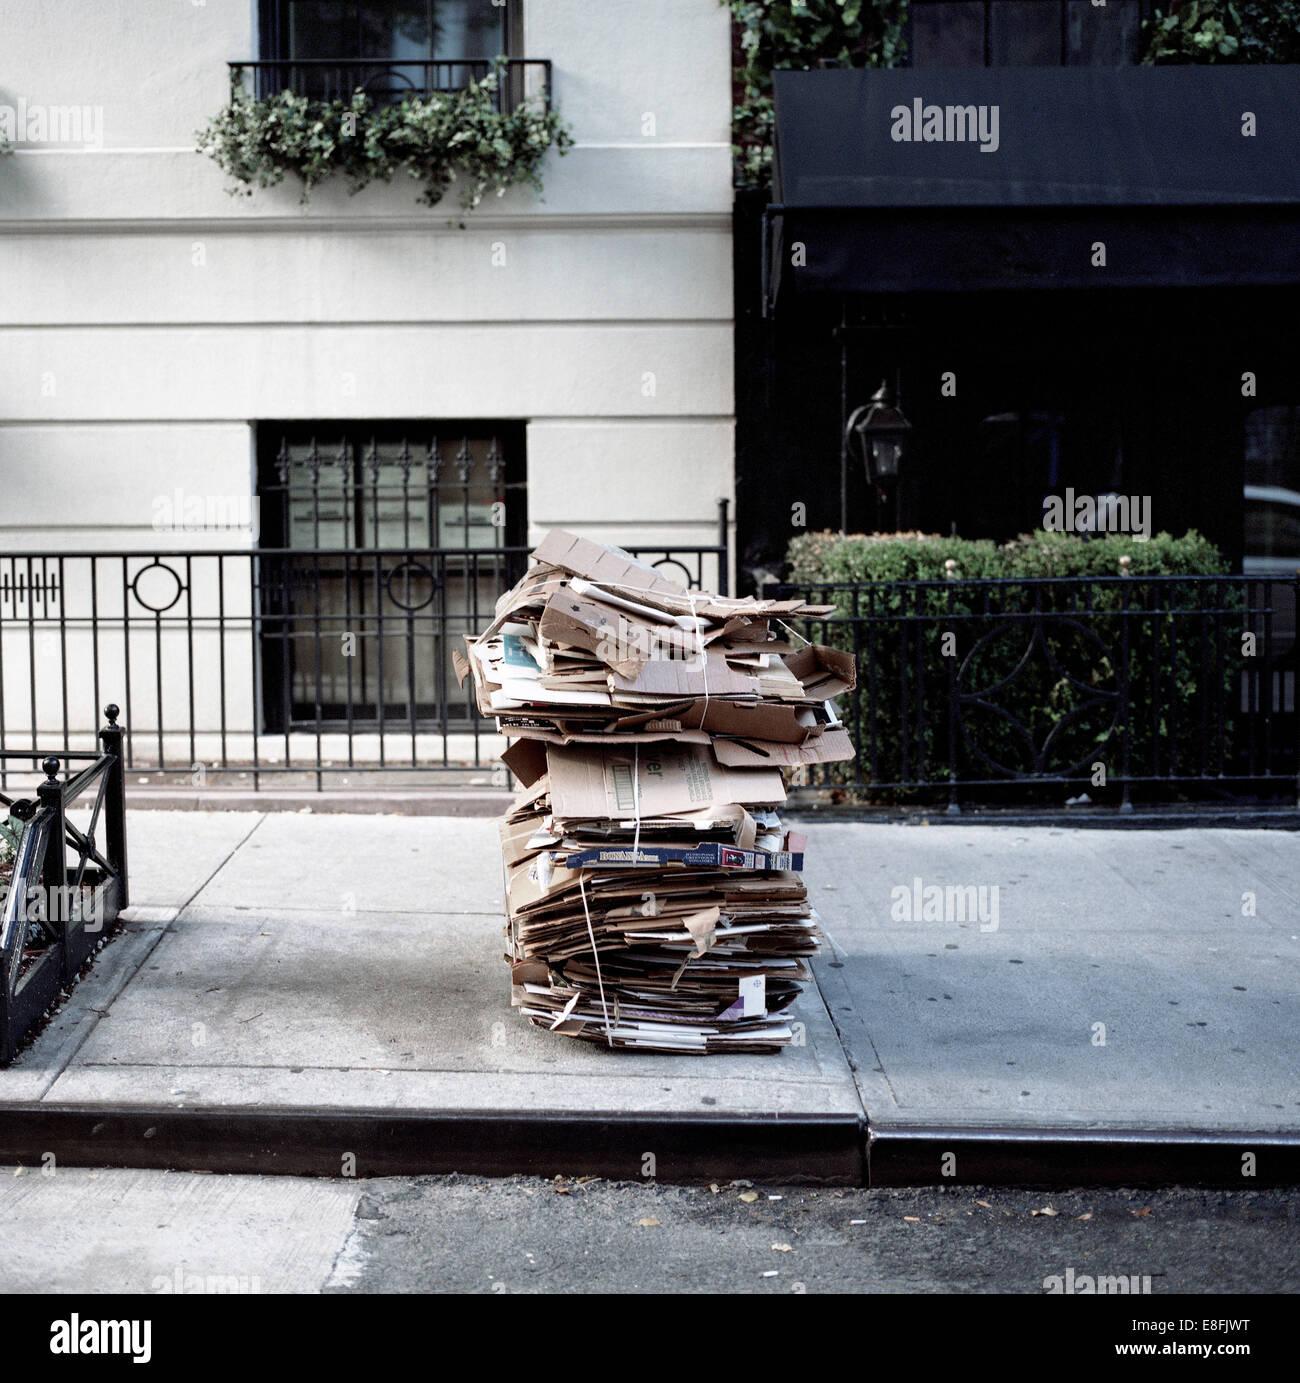 Boîtes de carton sur la rue pour recyclage, New York, Amérique, USA Photo Stock